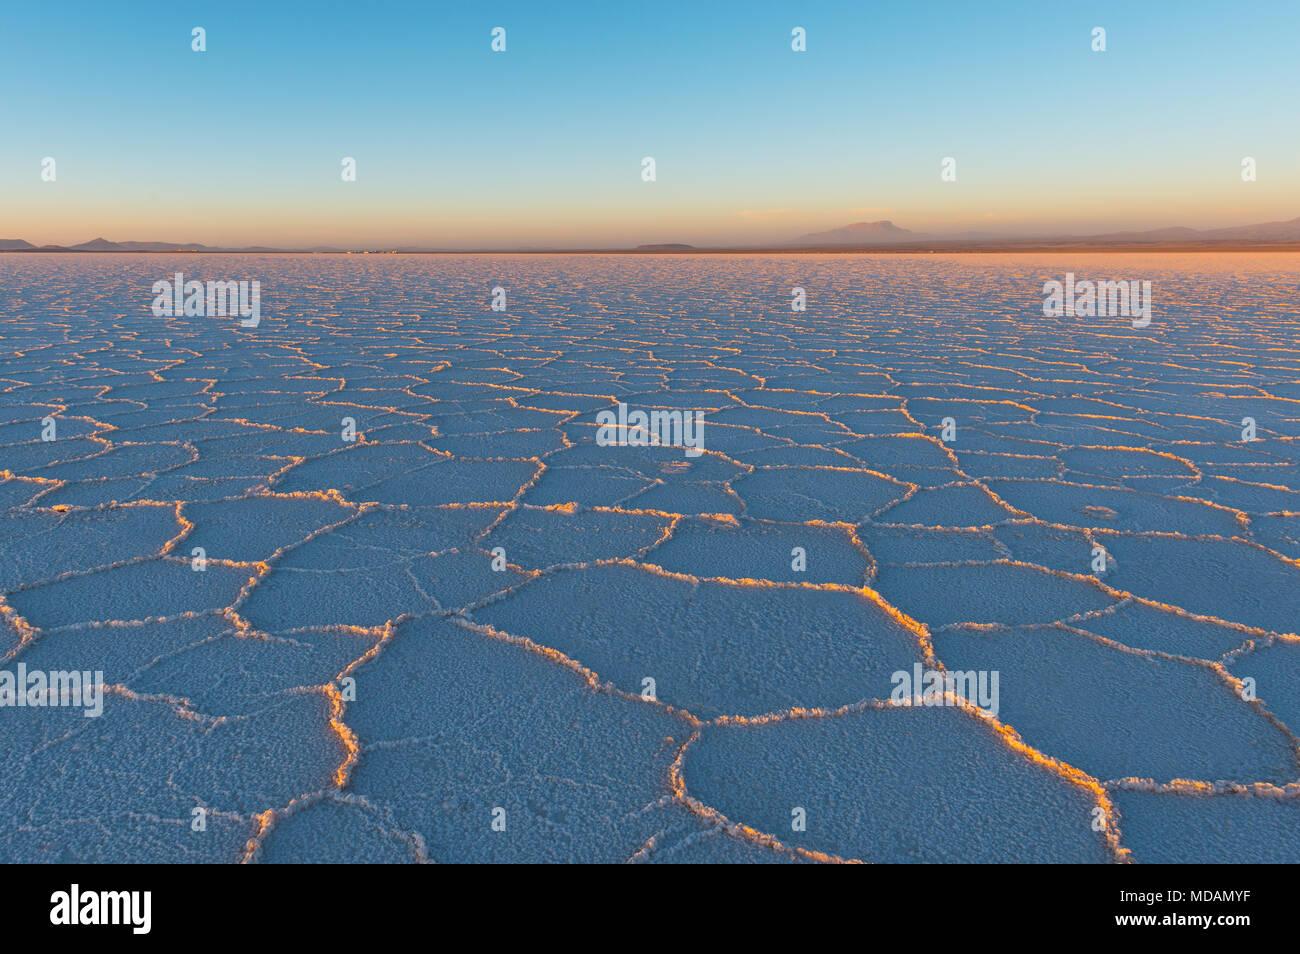 Puesta de sol en el Salar de Uyuni (Salar de Uyuni) con los últimos rayos del sol brillando en el hexágono formaciones minerales, Bolivia, América del Sur. Imagen De Stock